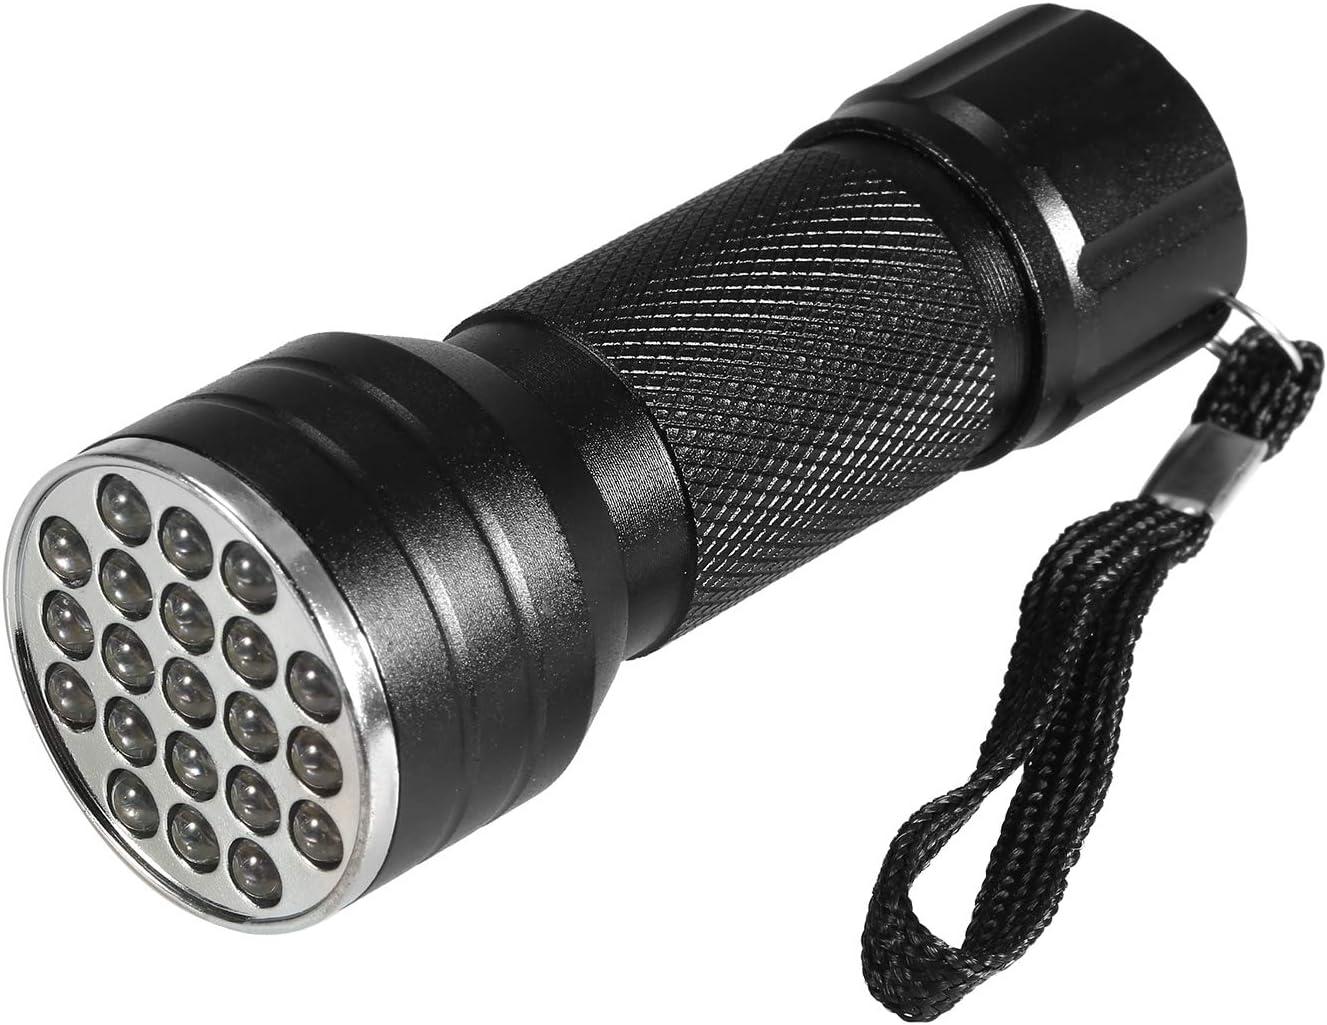 KKmoon Auto Air Conditioner Leak Detector UV Flashlight Refrigerant Leak Detection Tool Kit Car AC Leak Test Flashlight 21 LED UV Dye Fluorescent Glasses